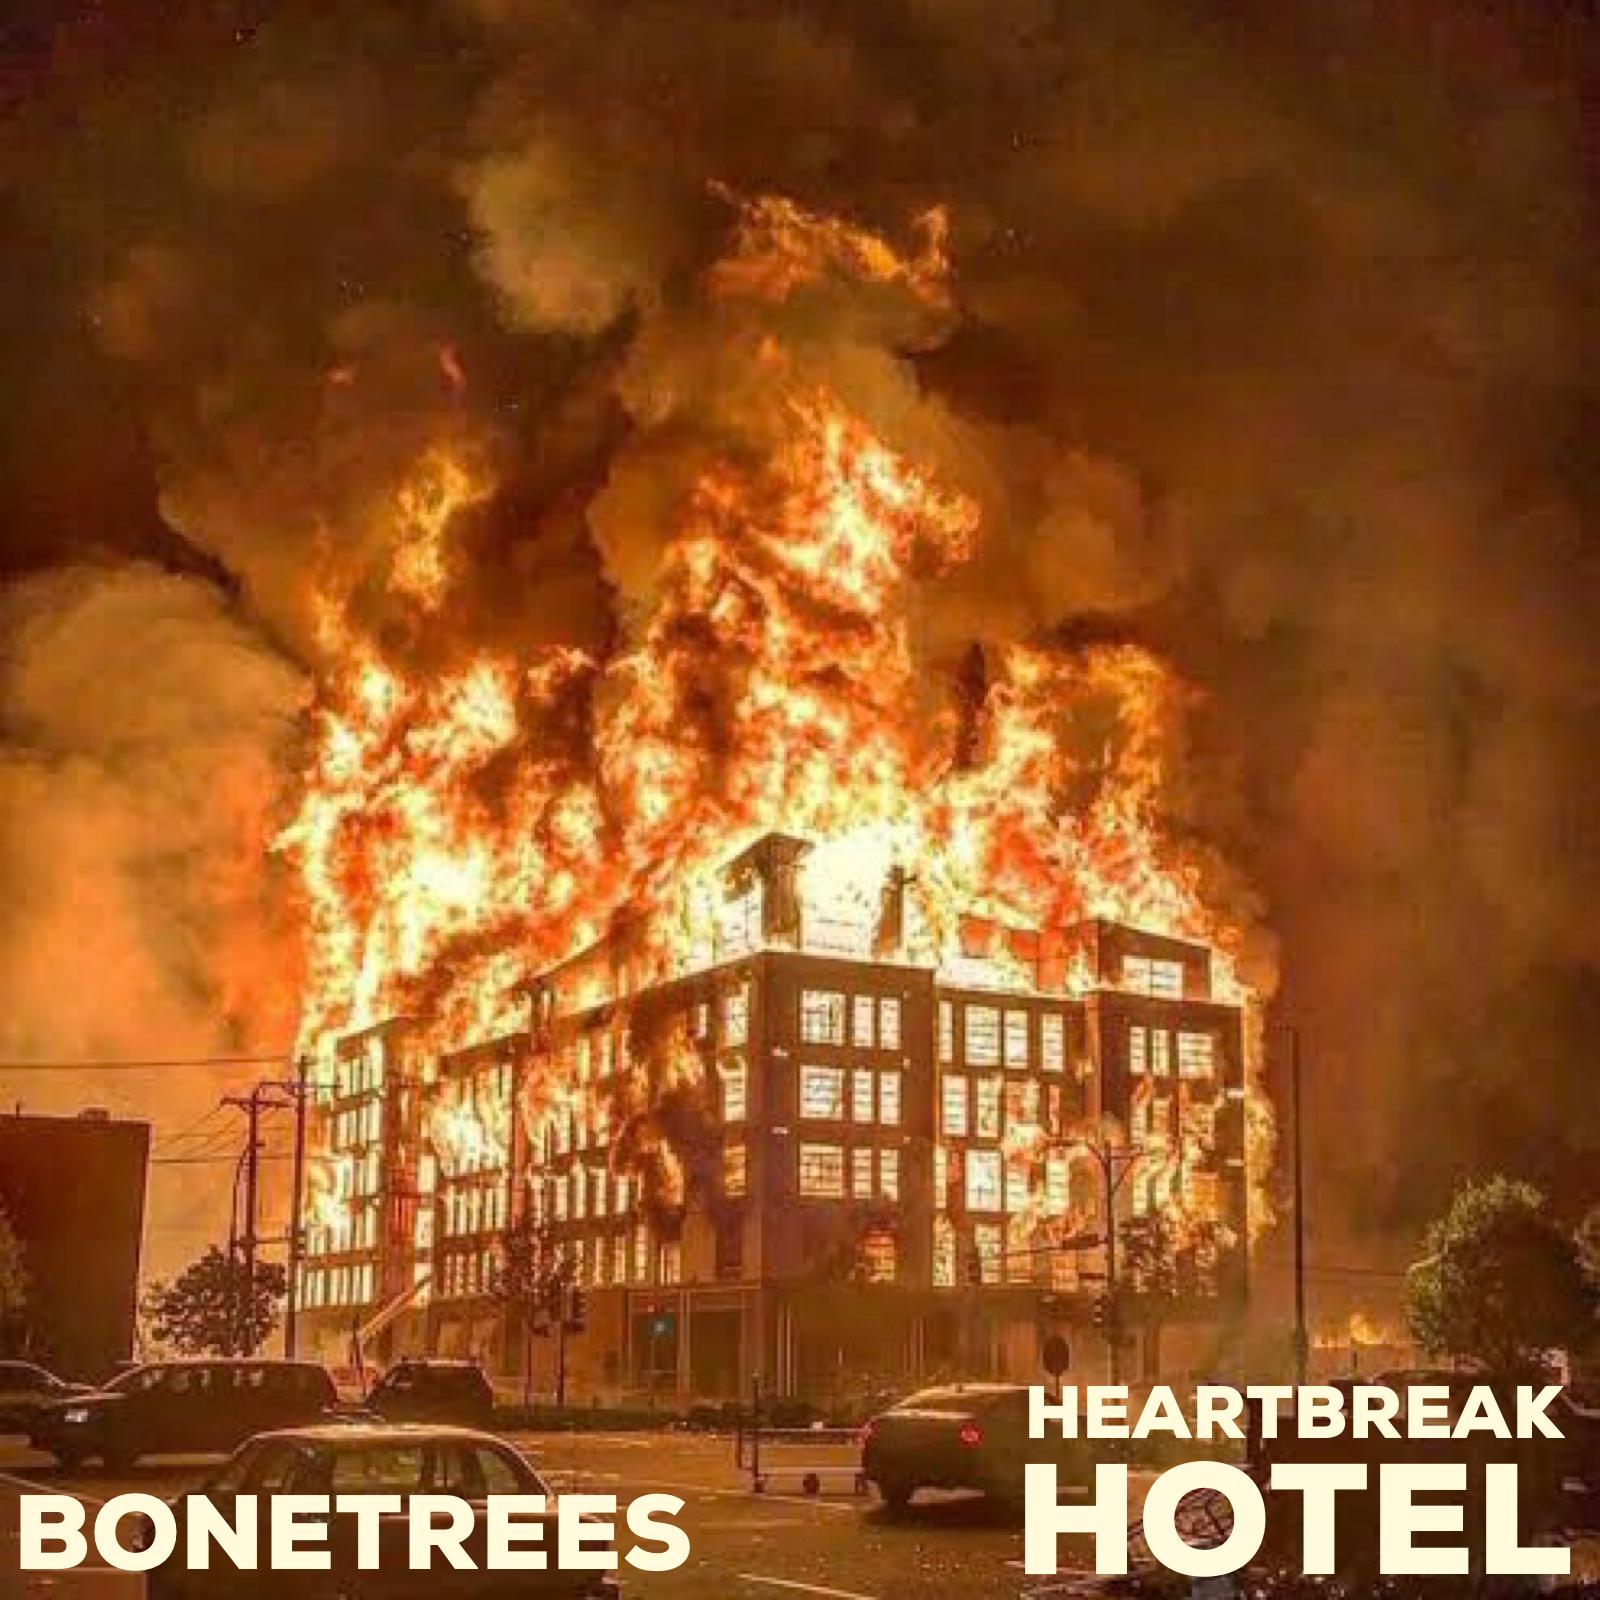 Heartbreak Hotel Image